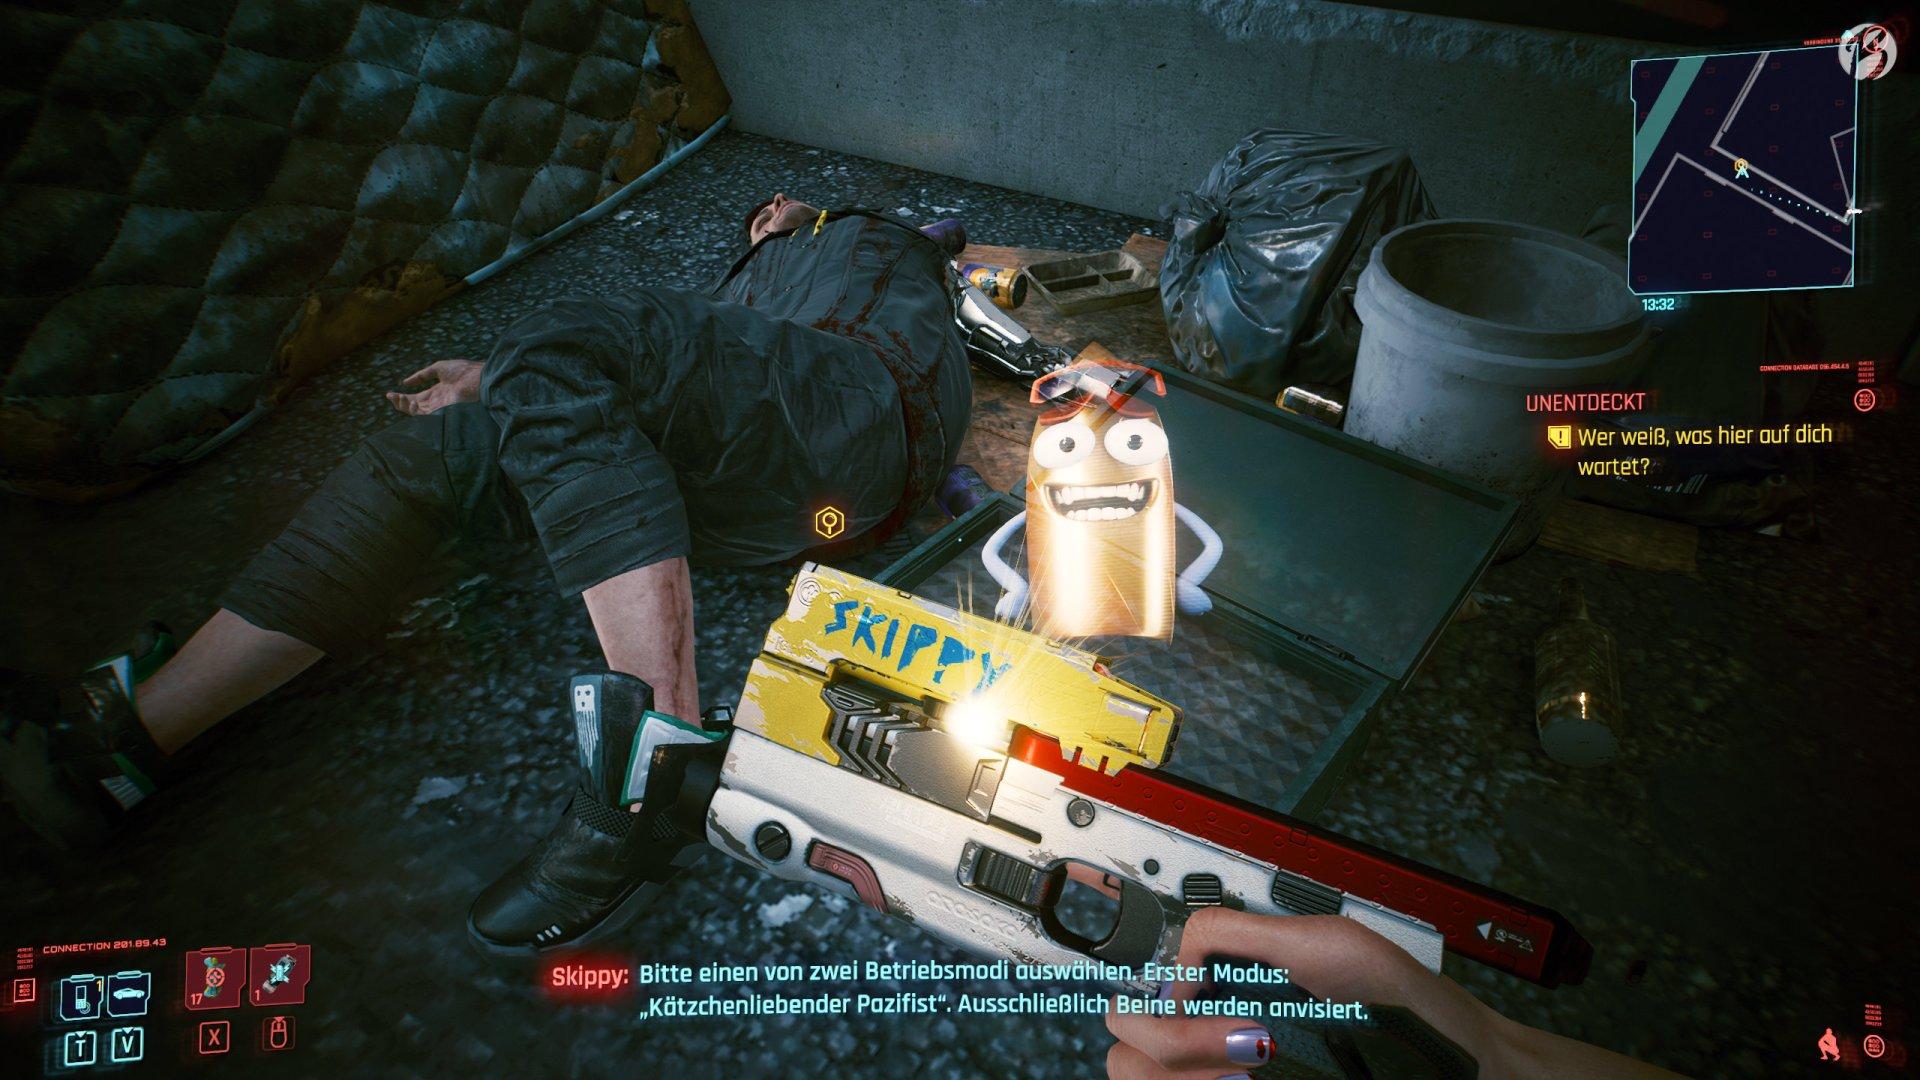 Cyberpunk 2077 - Die smarte Handfeuerwaffe »Skippy« spricht regelmäßig mit uns.